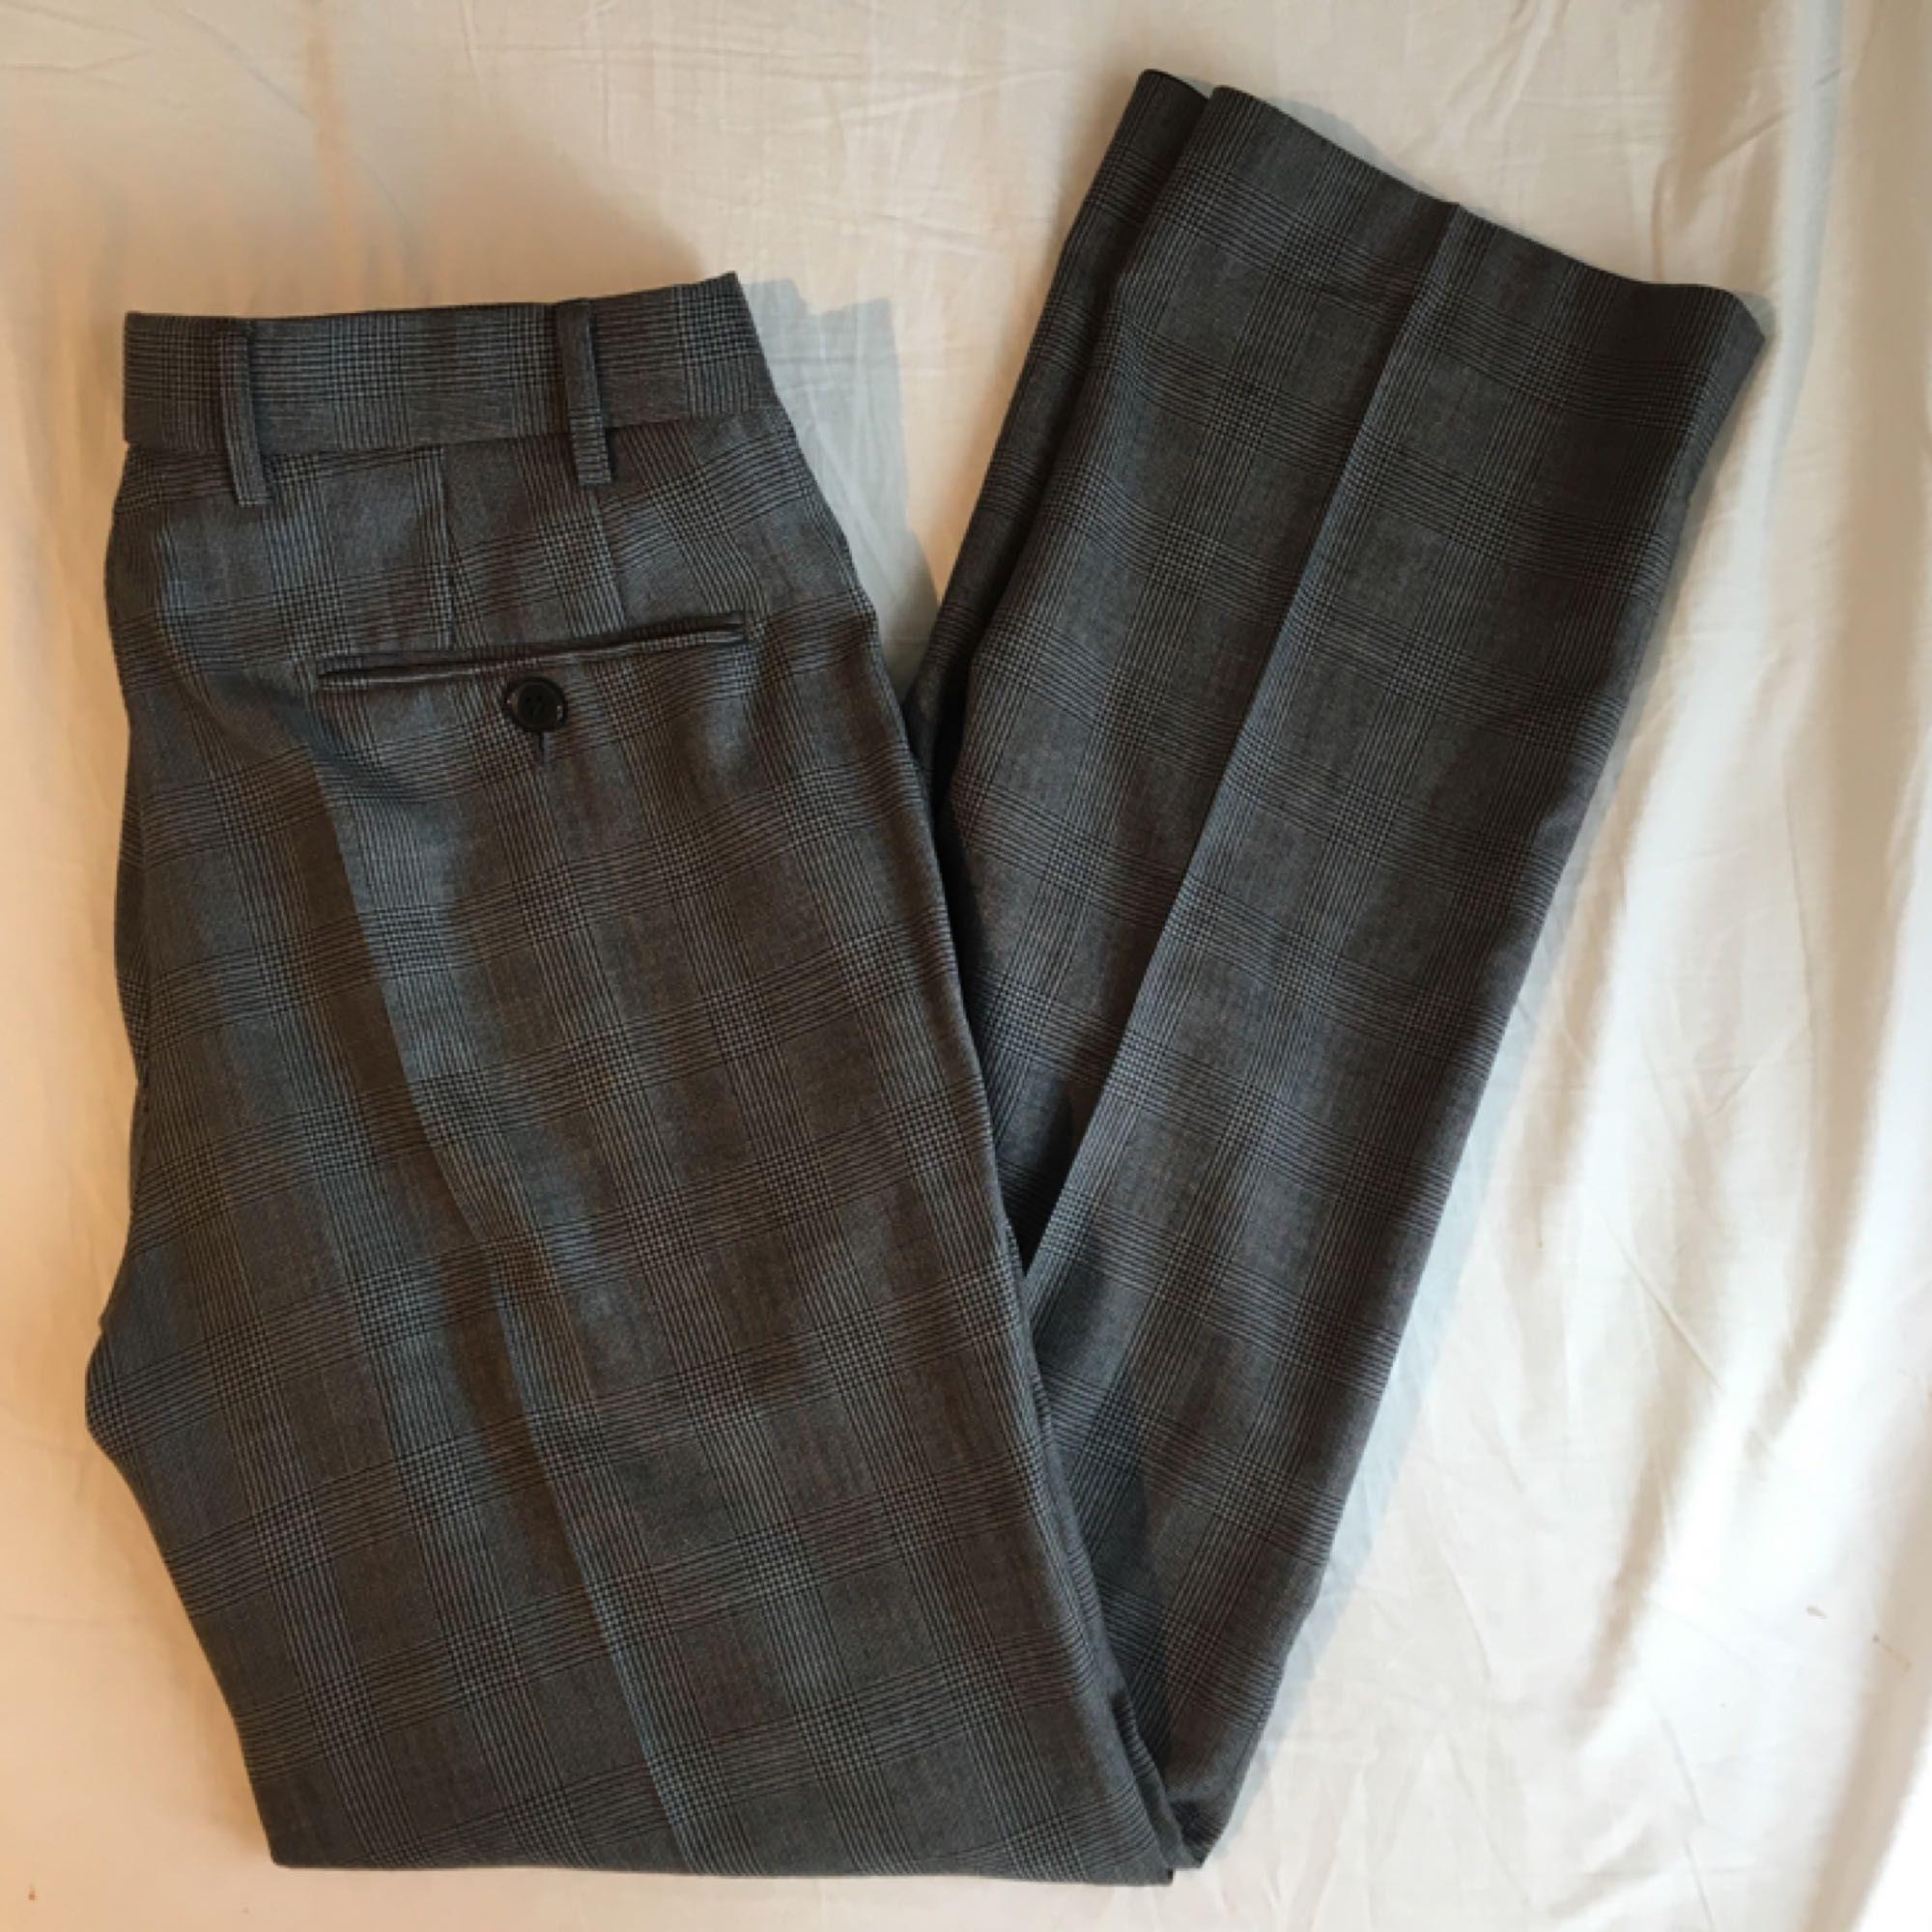 ... Jättefräna kostymbyxor med hög midja från Bläck. Köpte de på beyond  retro men har bara ... 096c3f791401e